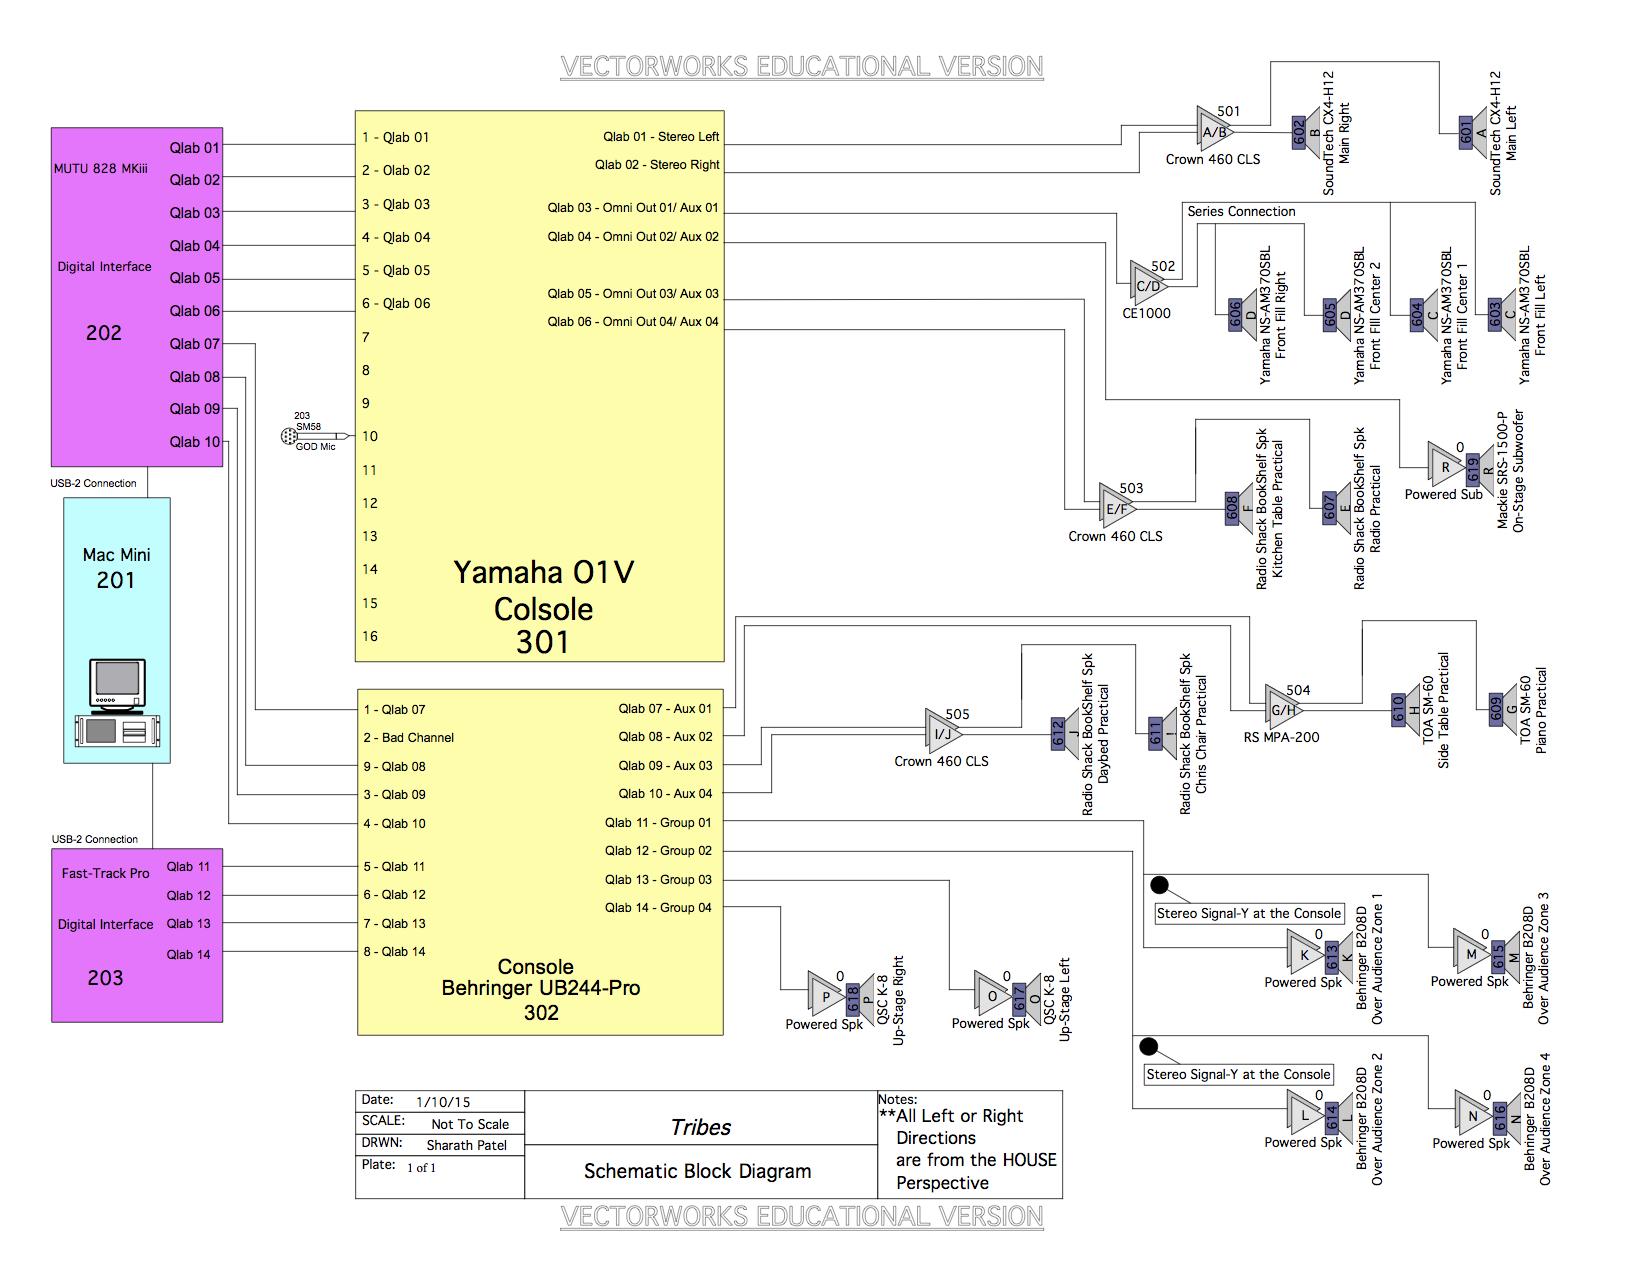 02 Tribes SchematicBlockDiagram 01-10-15.jpg